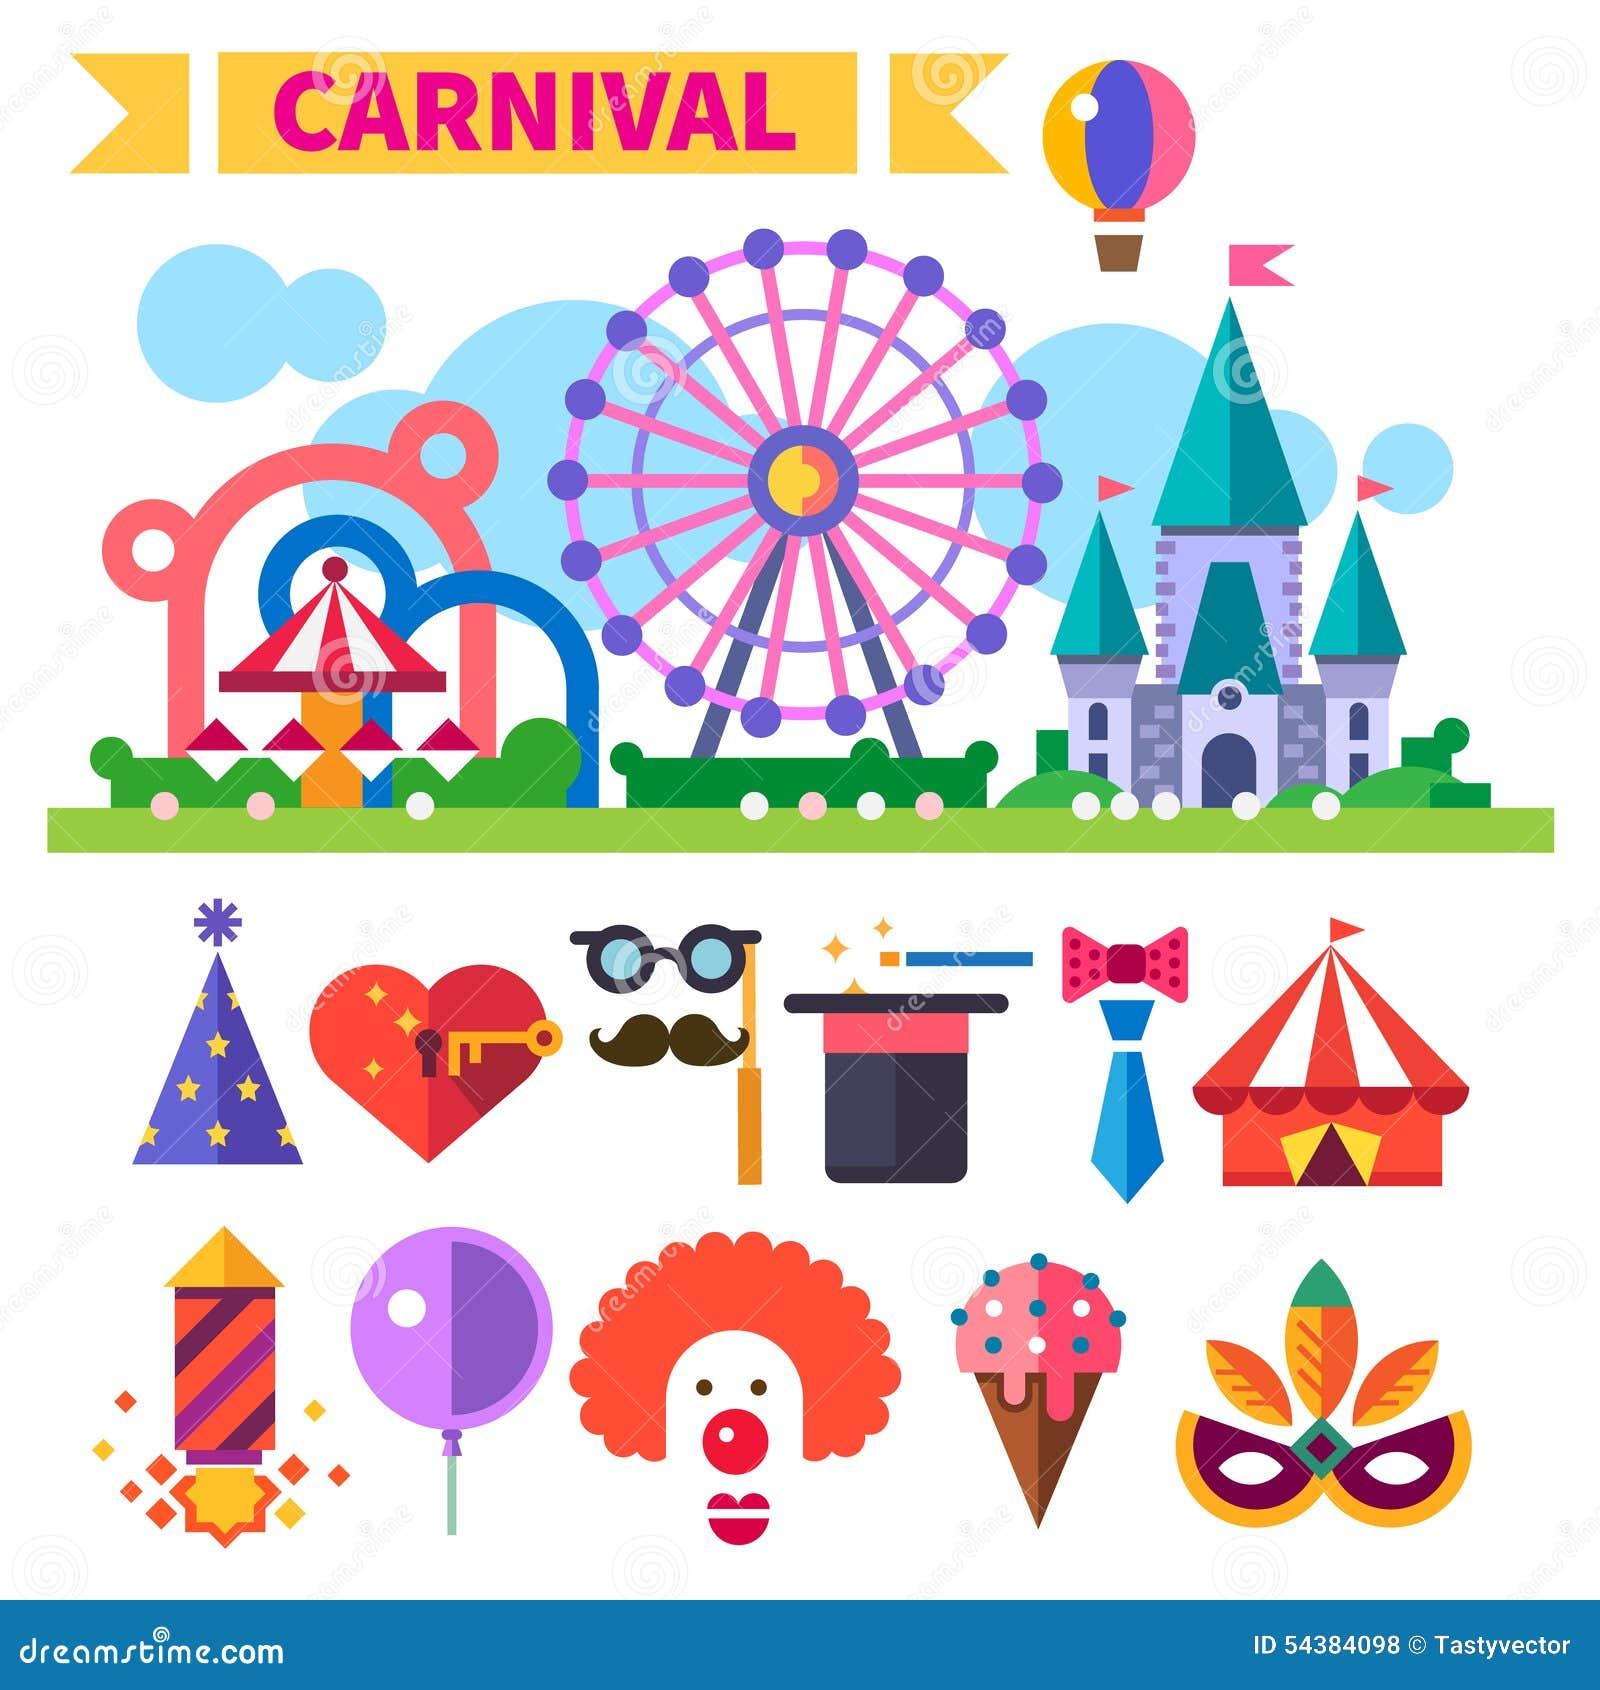 Carnival Theme Invitation was luxury invitations design